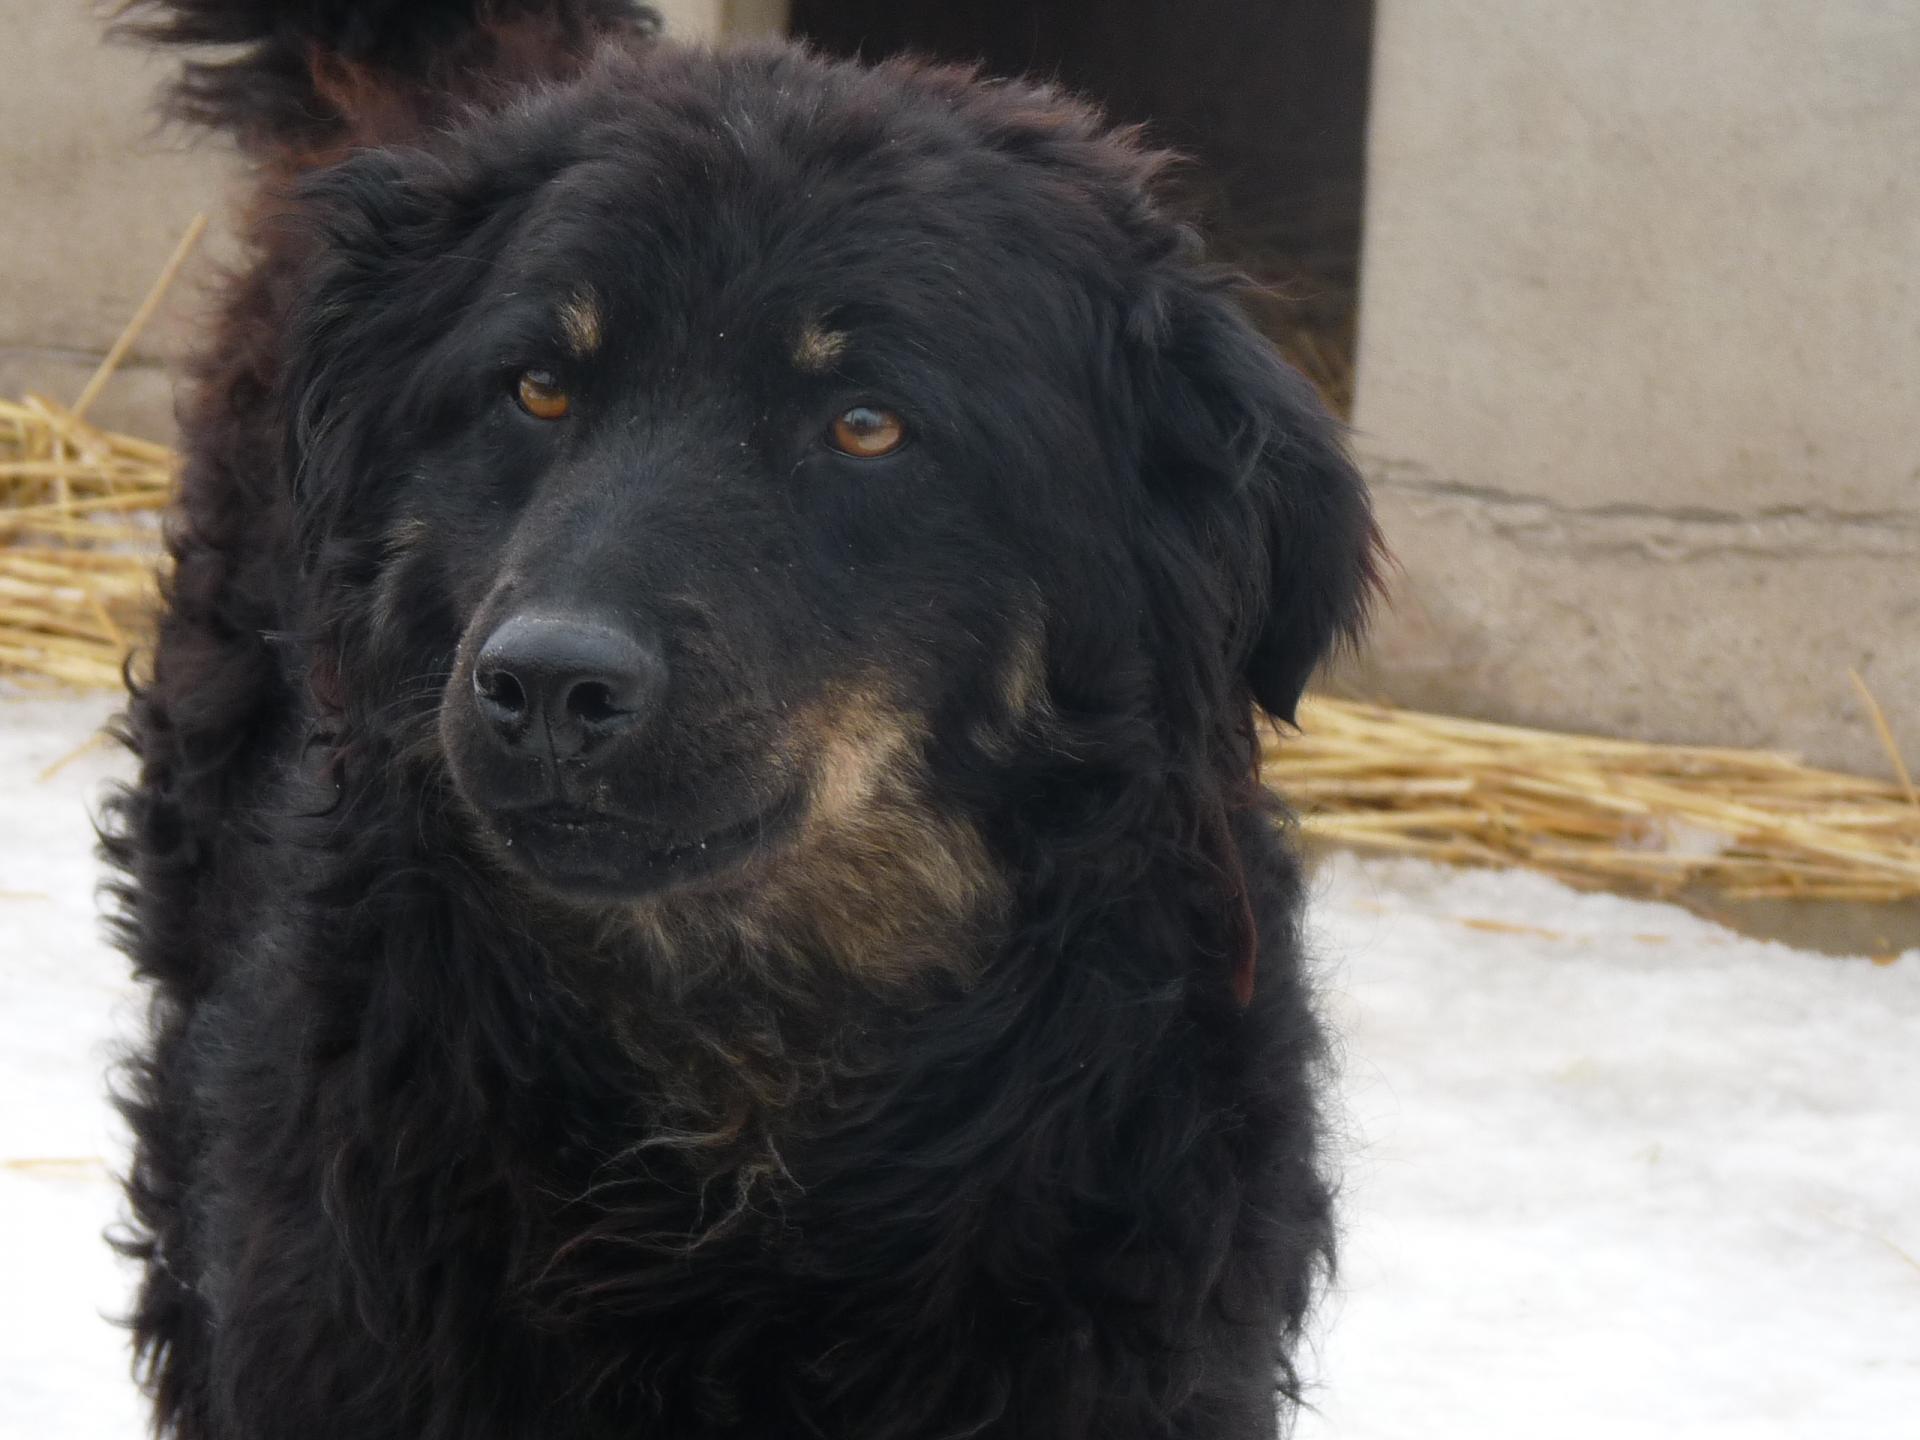 MELINA - x mudi 5 ans - (5 ans de refuge) Asso Nobodys dog - Becej (Serbie) Melina-7--1